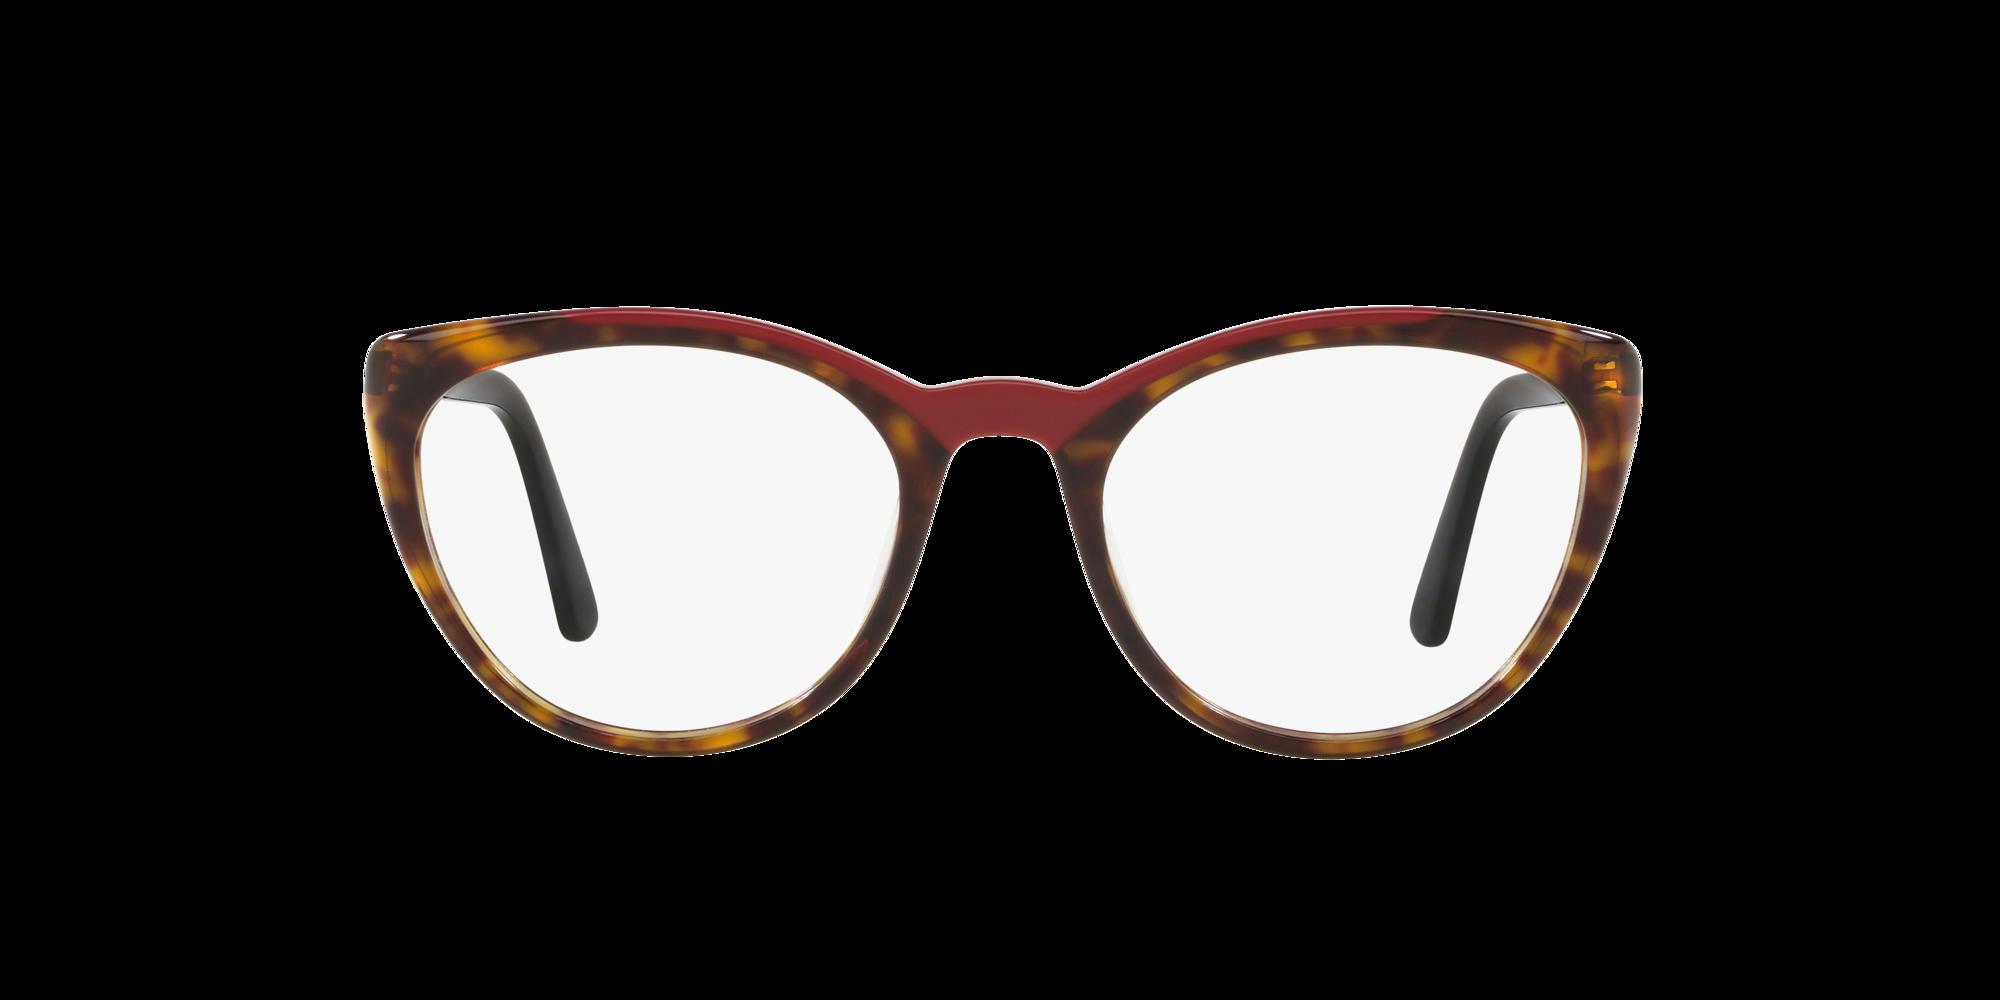 Image for PR 07VV from LensCrafters | Glasses, Prescription Glasses Online, Eyewear